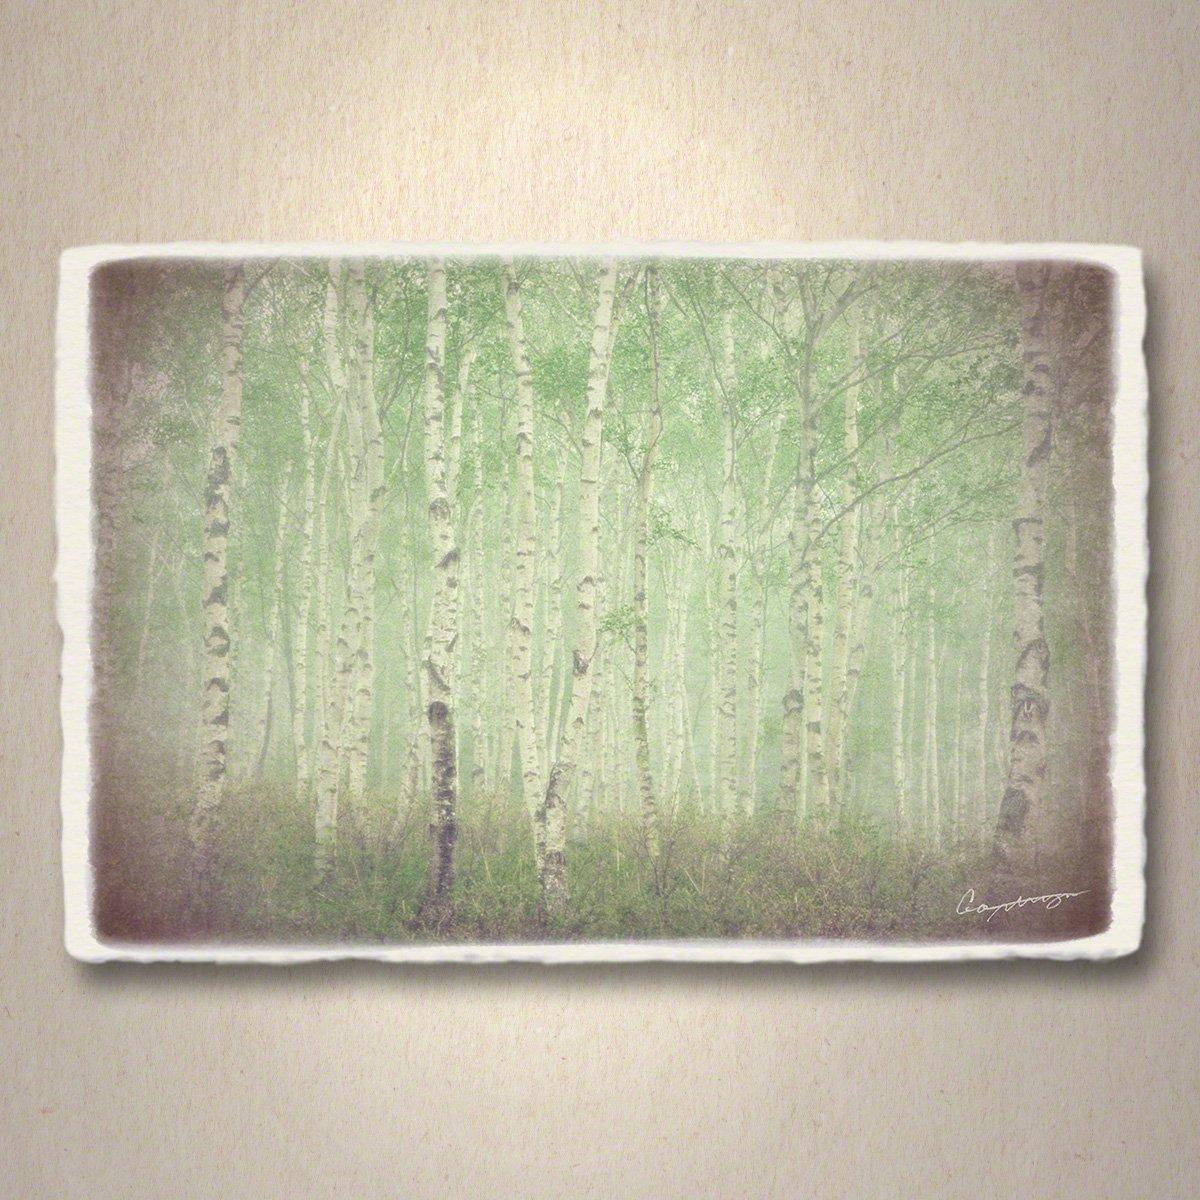 和紙 アートパネル 「霧の中の新緑の白樺林」 (68x45cm) 絵 絵画 壁掛け 壁飾り インテリア アート B07F15RYJR 16.アートパネル(長辺68cm) 48000円 霧の中の新緑の白樺林 霧の中の新緑の白樺林 16.アートパネル(長辺68cm) 48000円